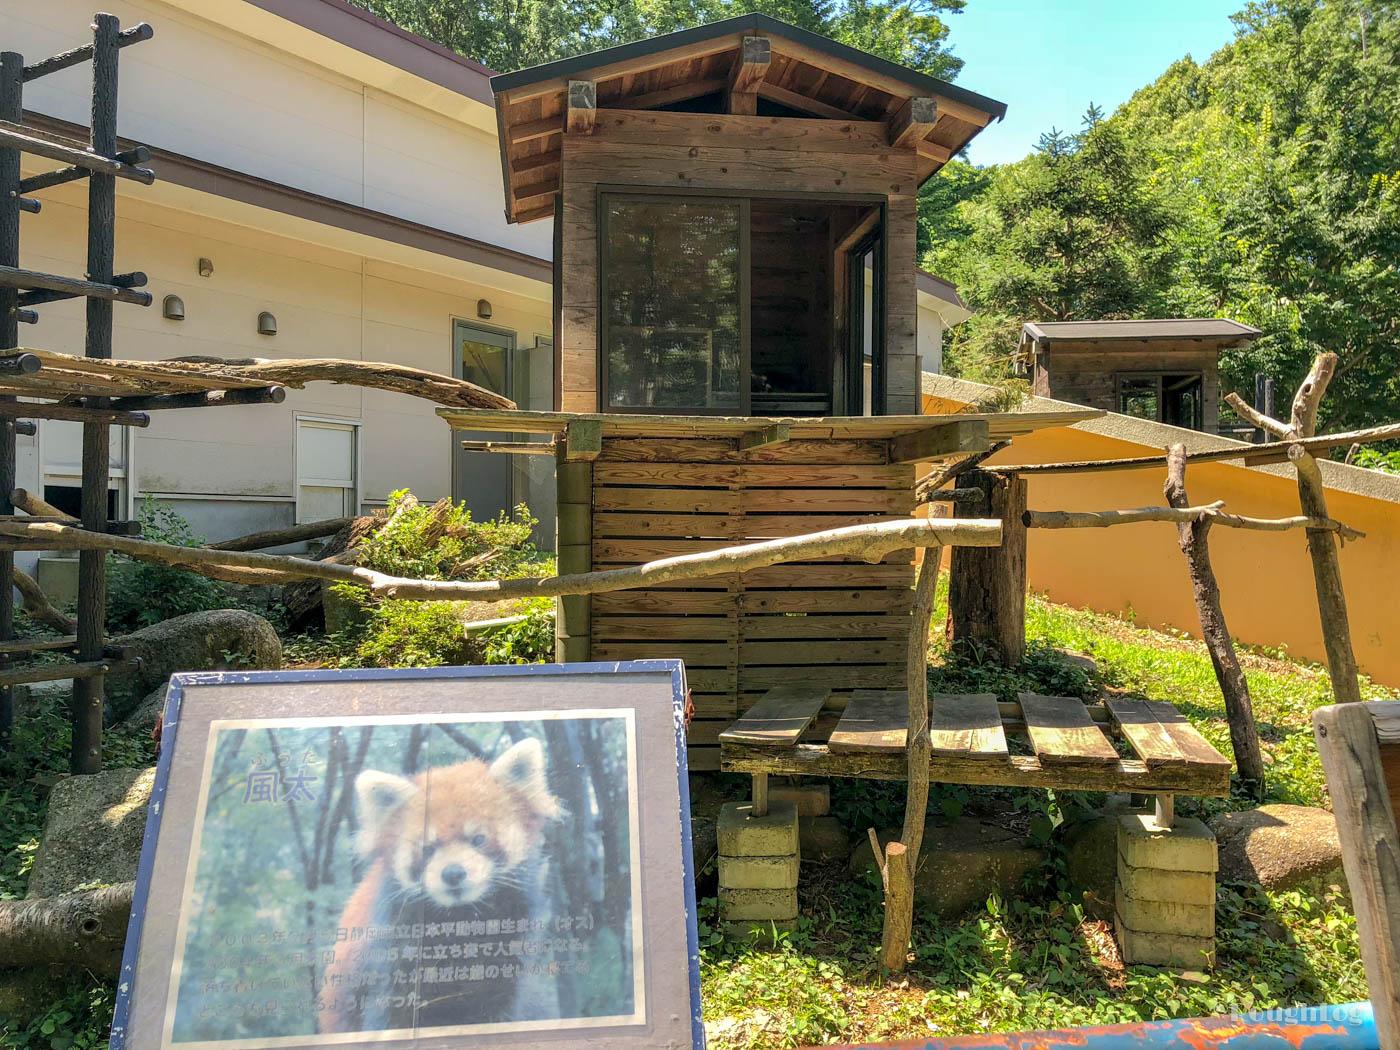 千葉市動物公園といえばレッサーパンダ風太(ふうた)